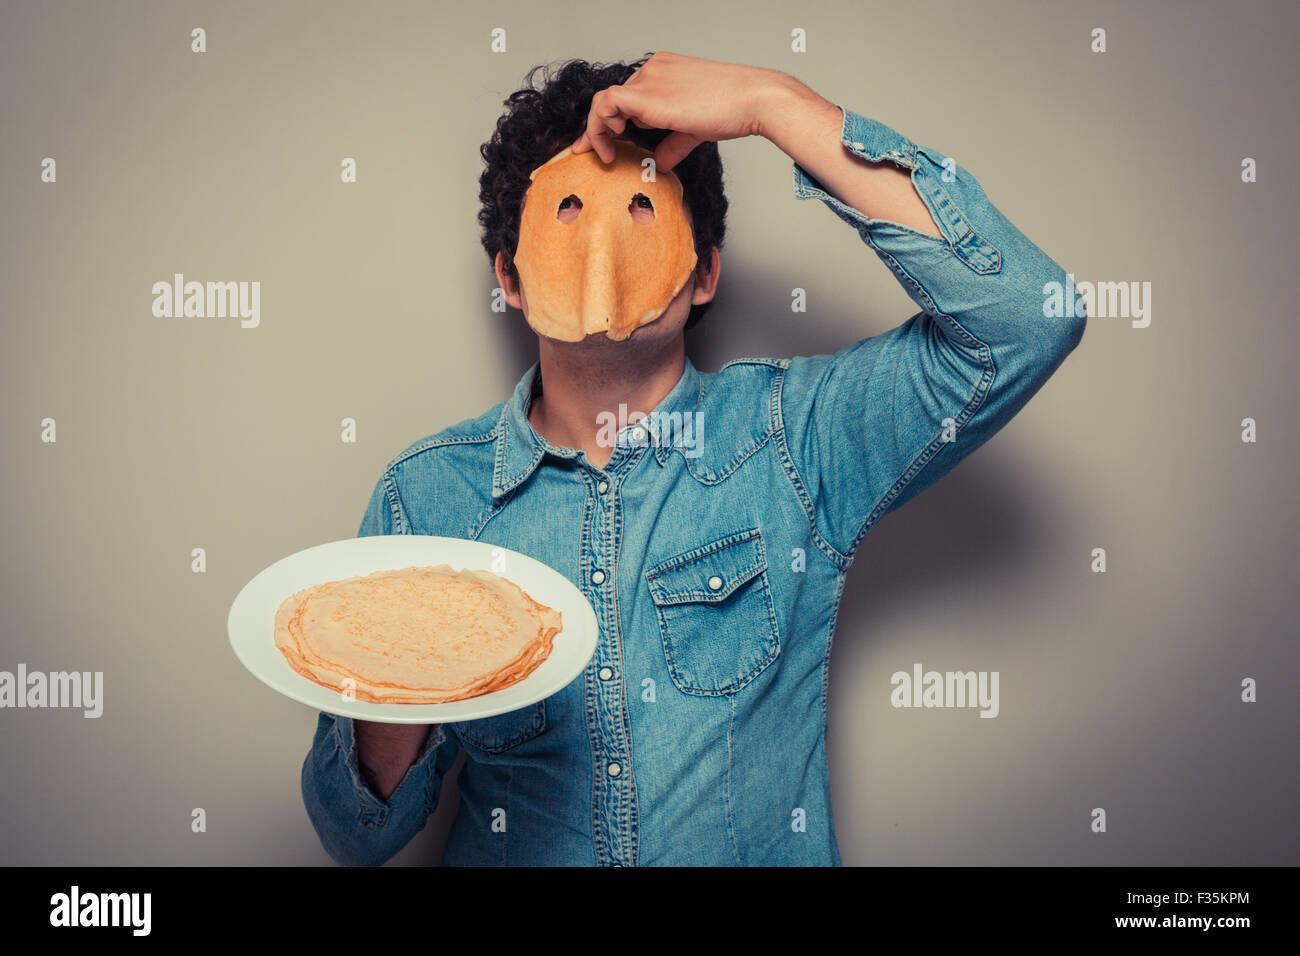 Jeune homme a coupé en orbites une crêpe et porte sur son visage Photo Stock